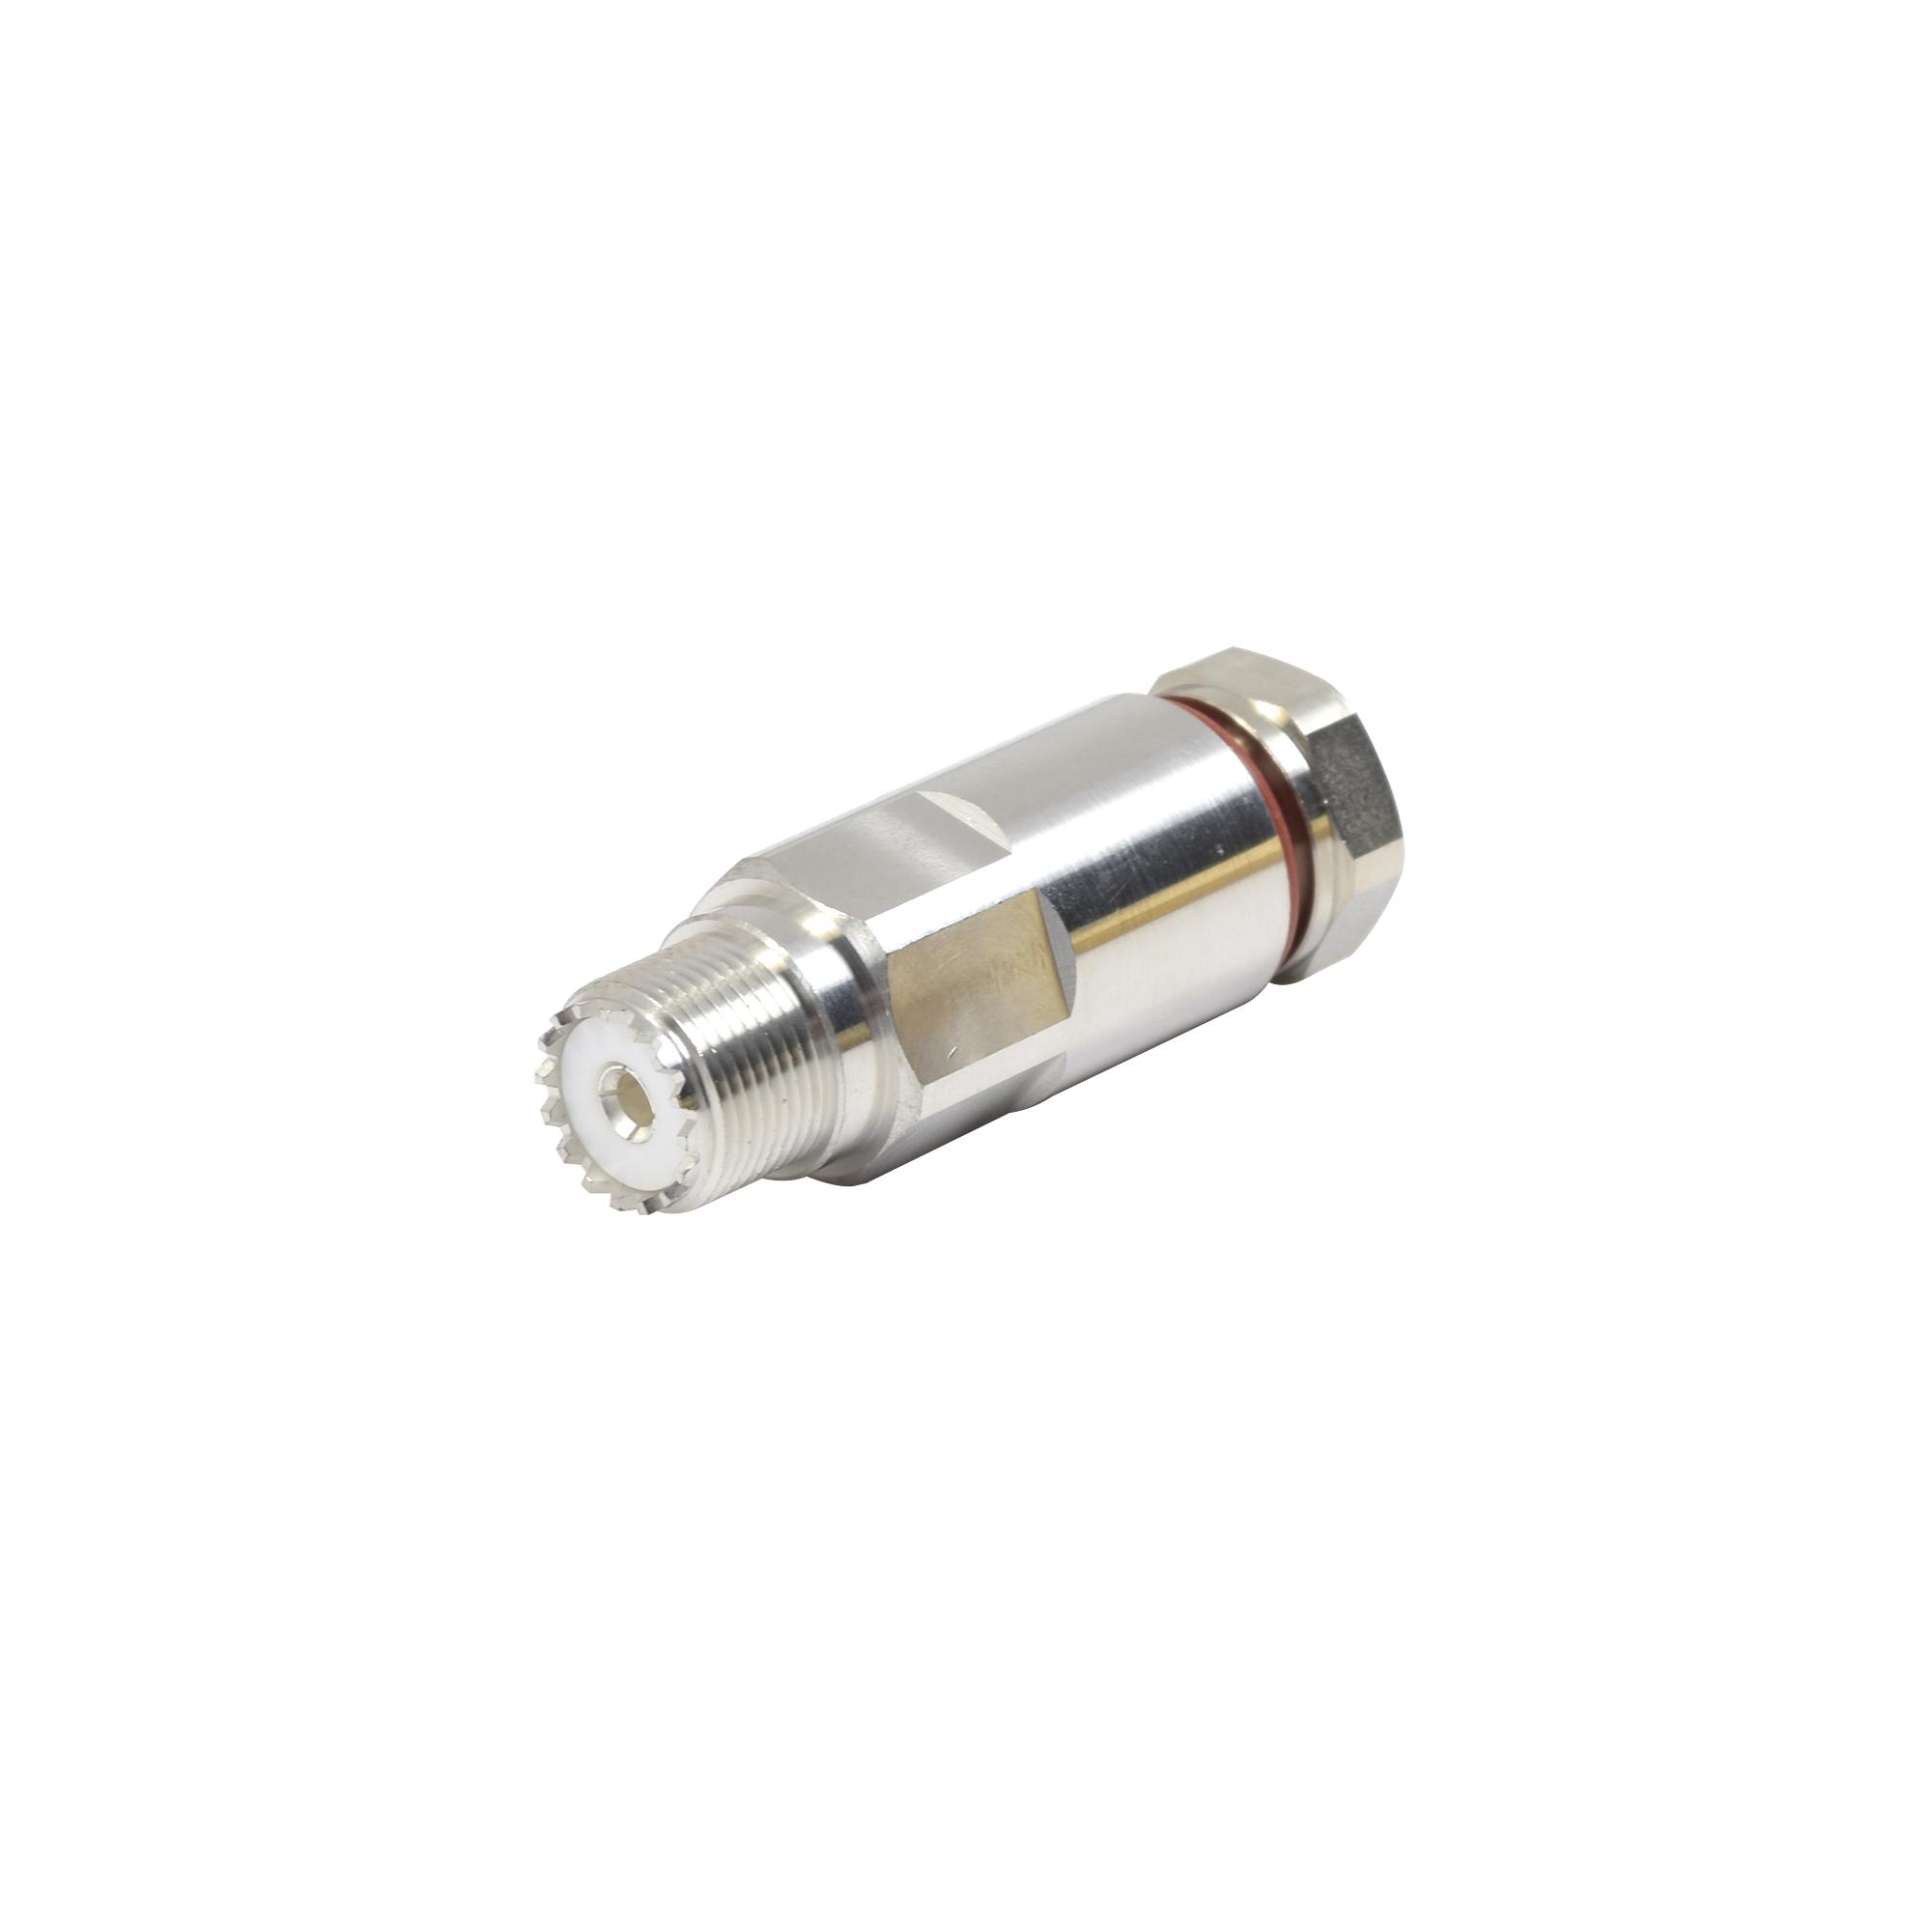 Conector UHF Hembra (SO-239) de Rosca para cable LDF4-50A, Bronce Blanco/ Plata/ Teflón.